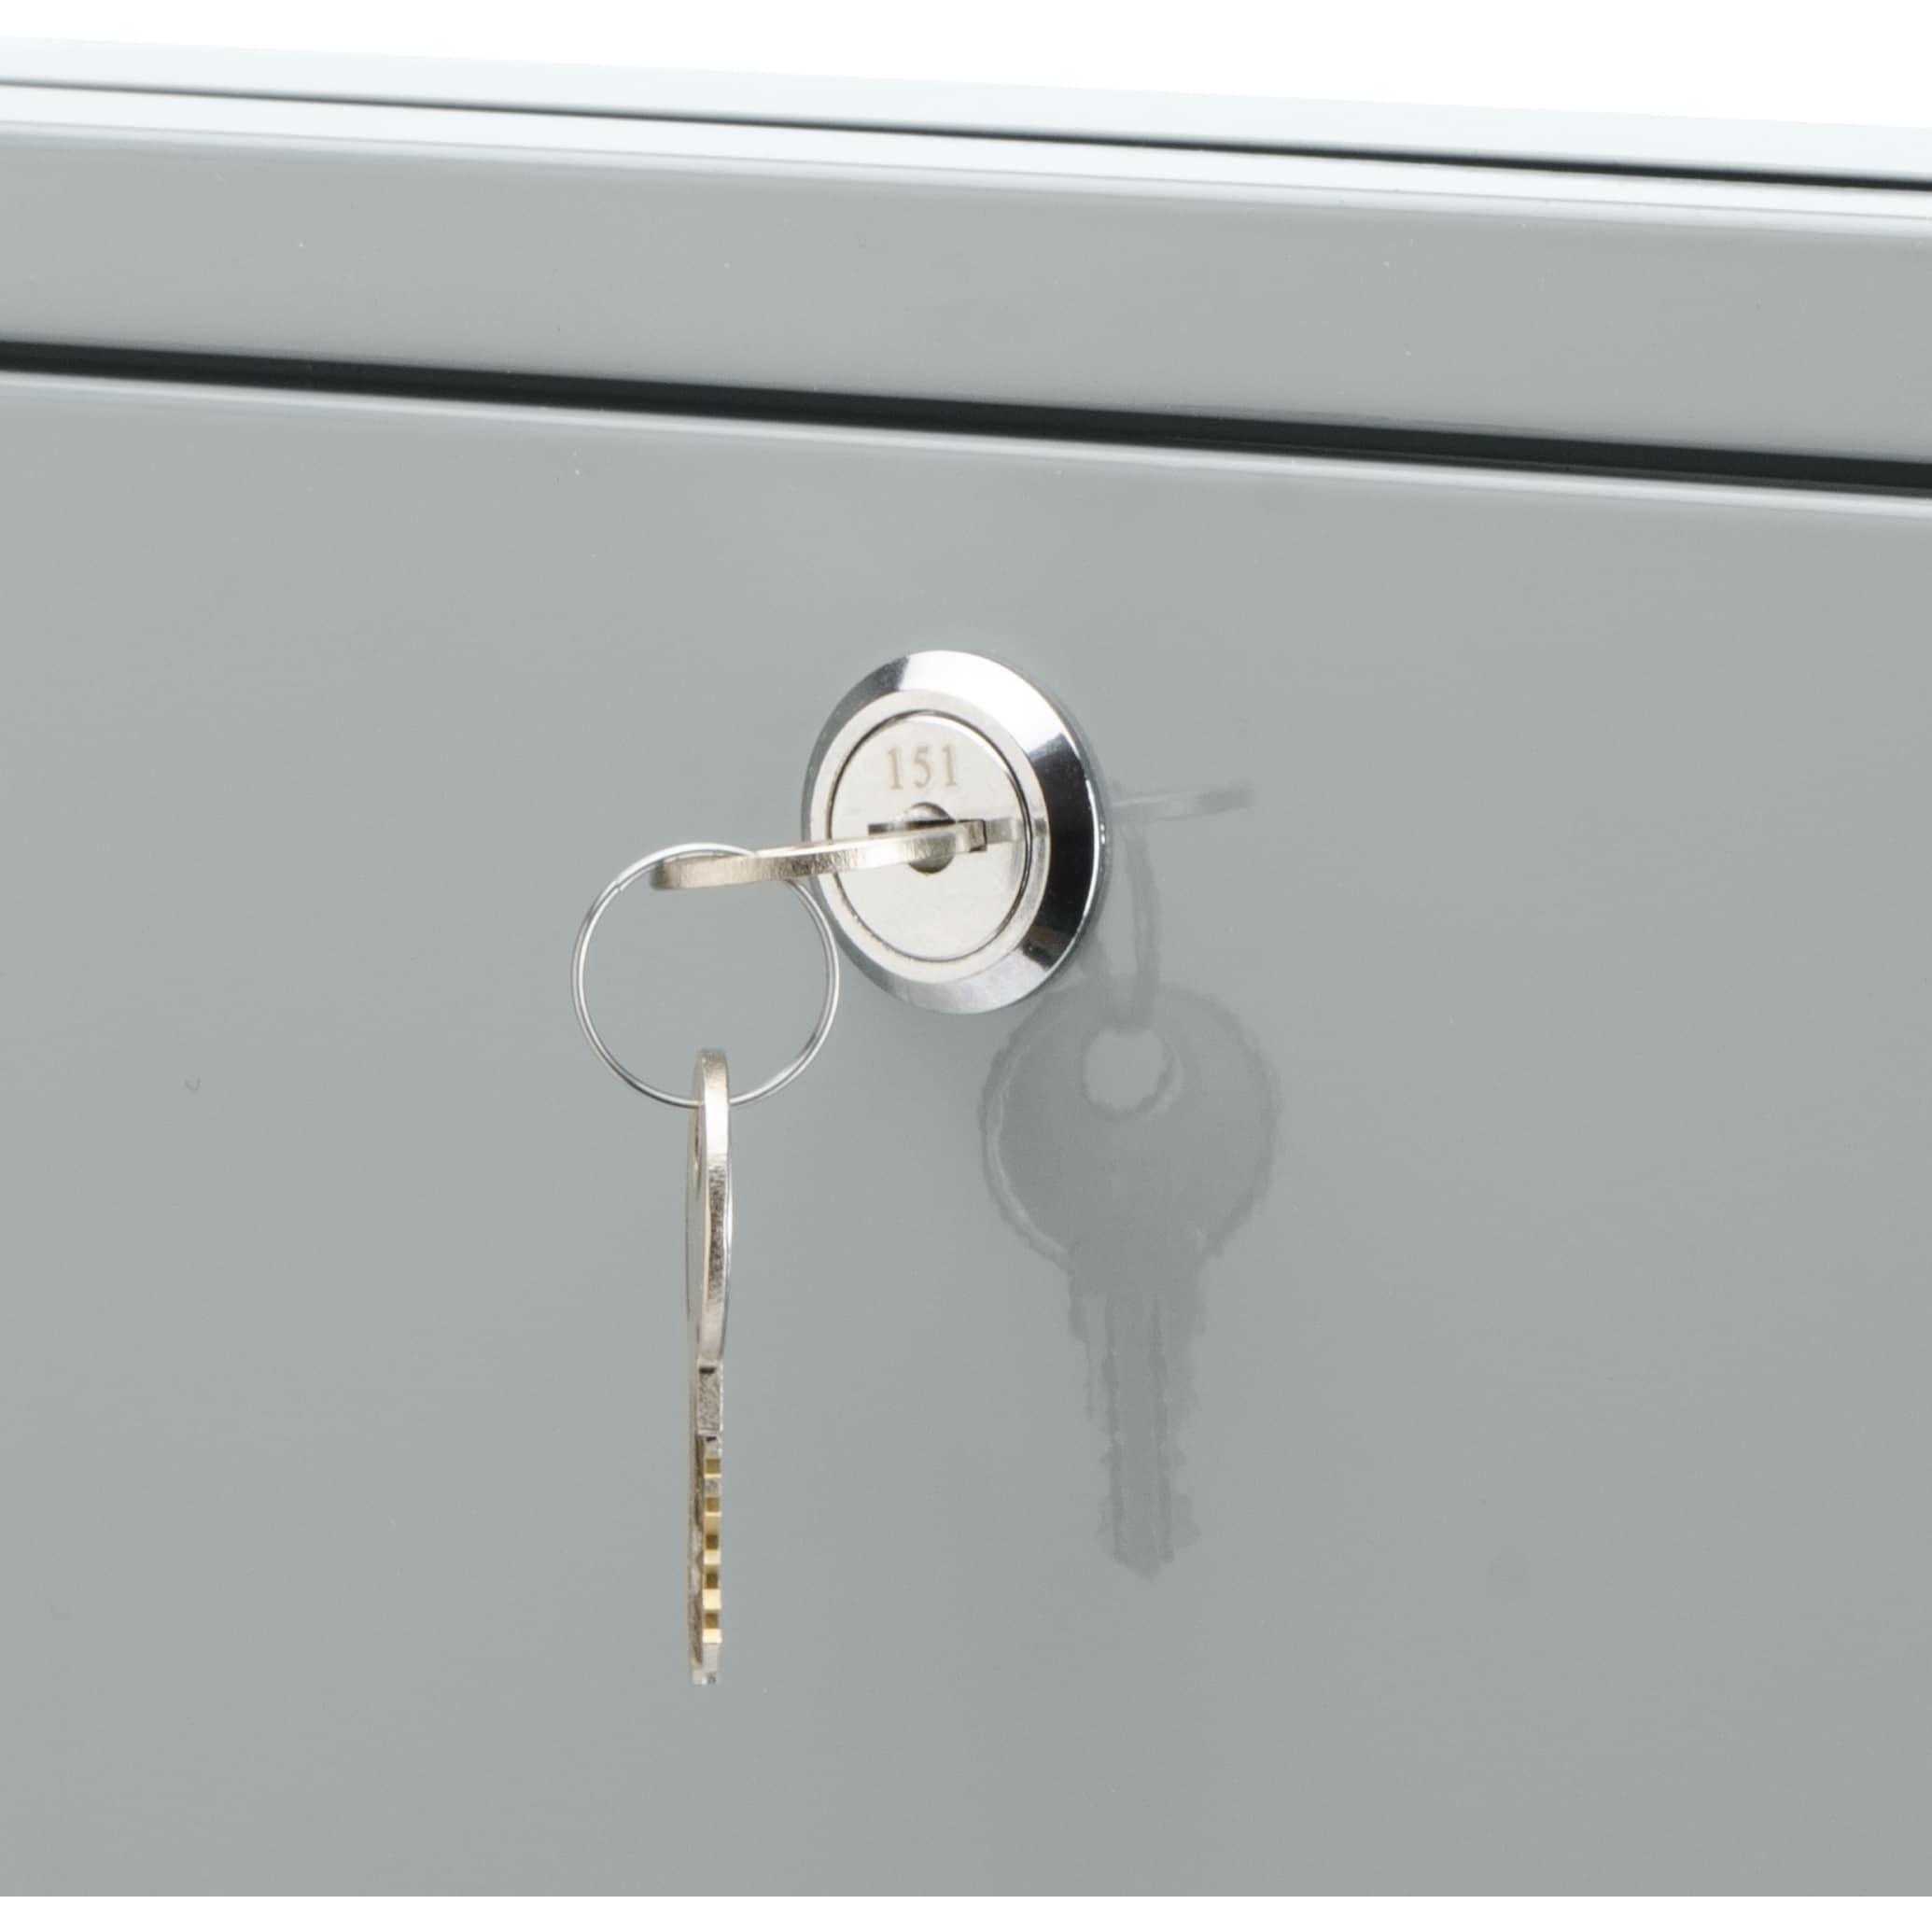 Barska Optics Large Multi-Purpose Drop Box, Grey metal (S...